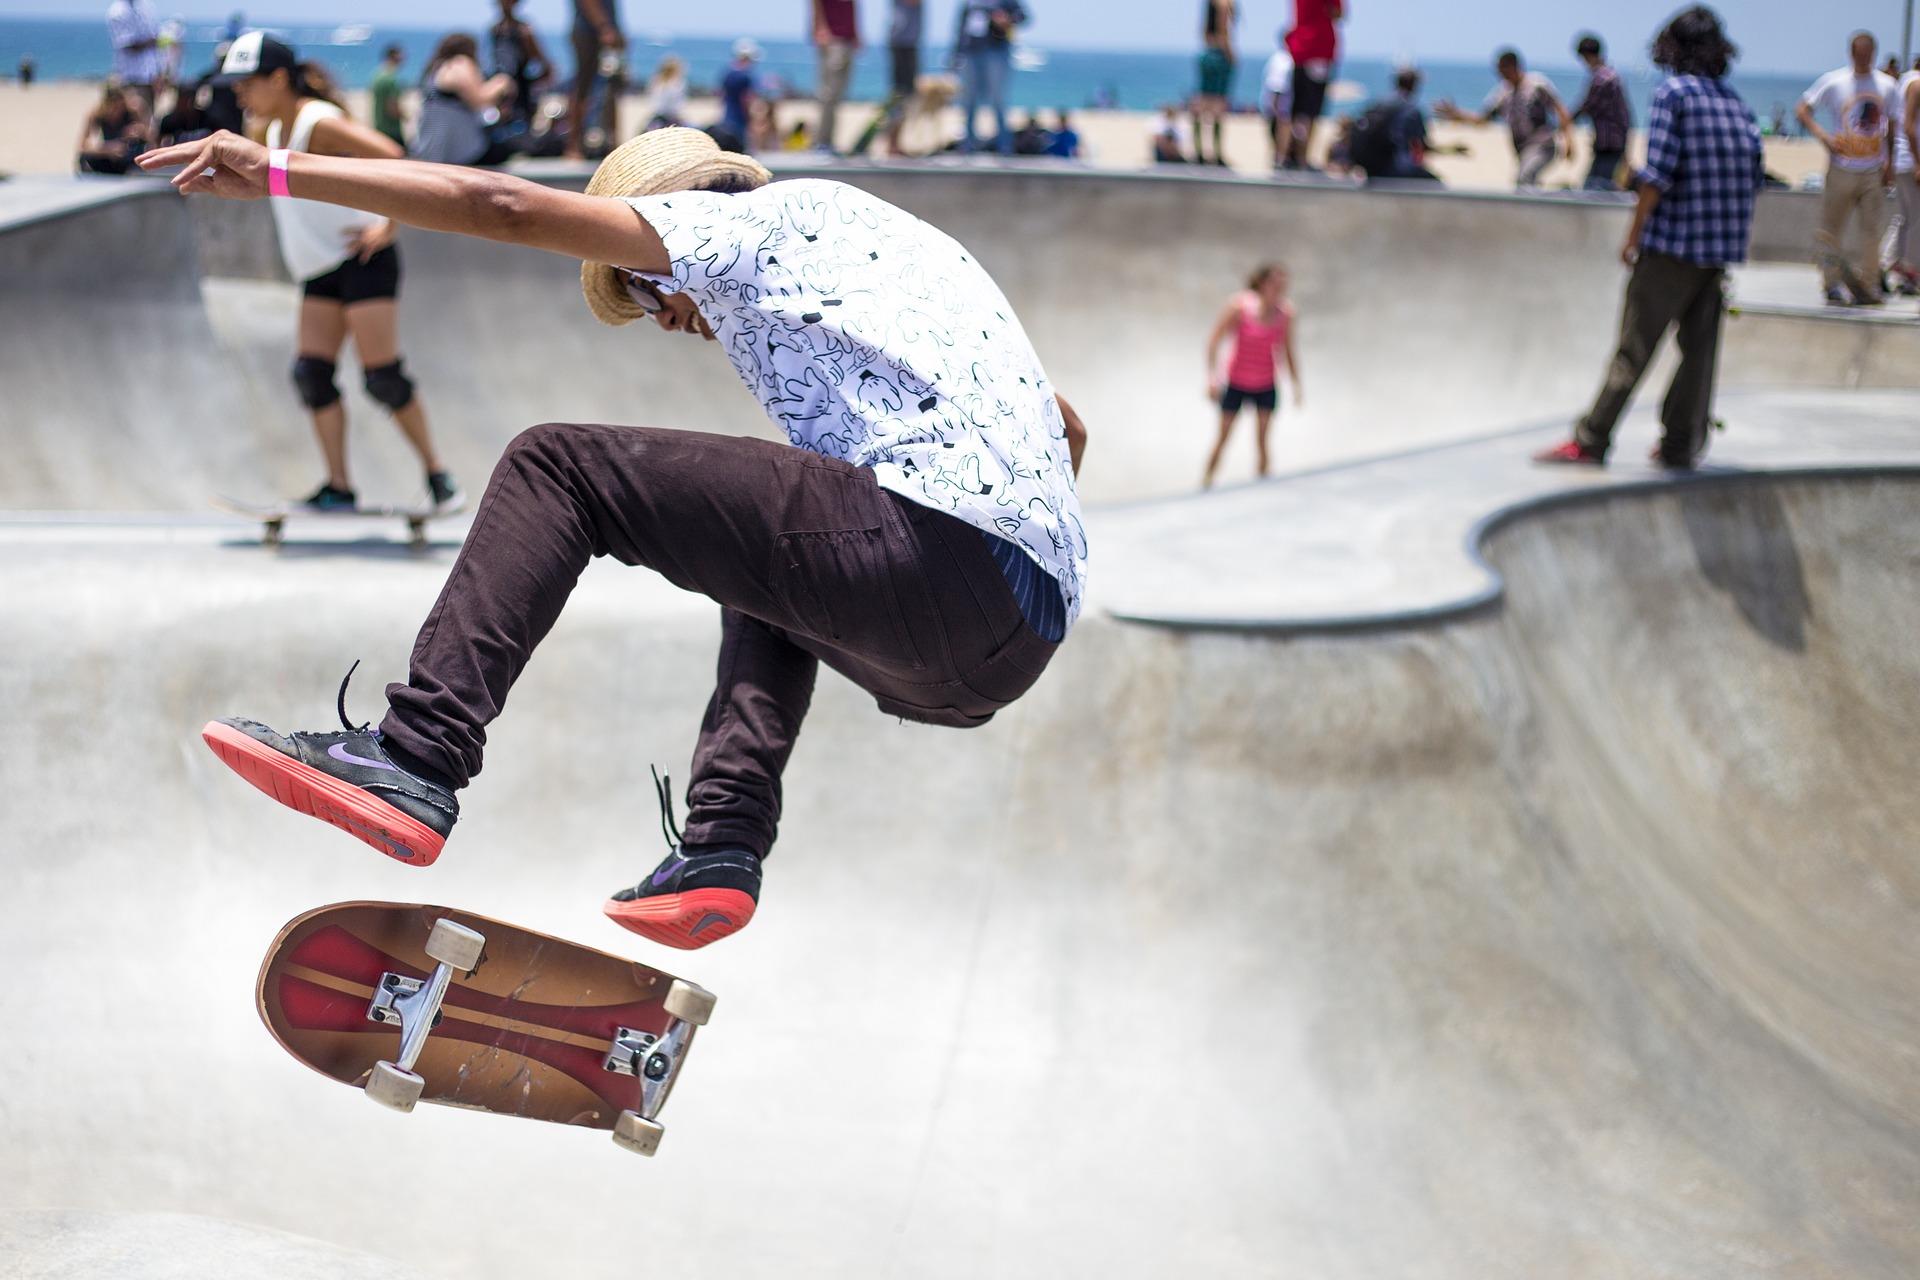 Inliners, skateboards, skatertøj etc. fra Dickies, K2 og andre leverandører på bnaboardshop.dk